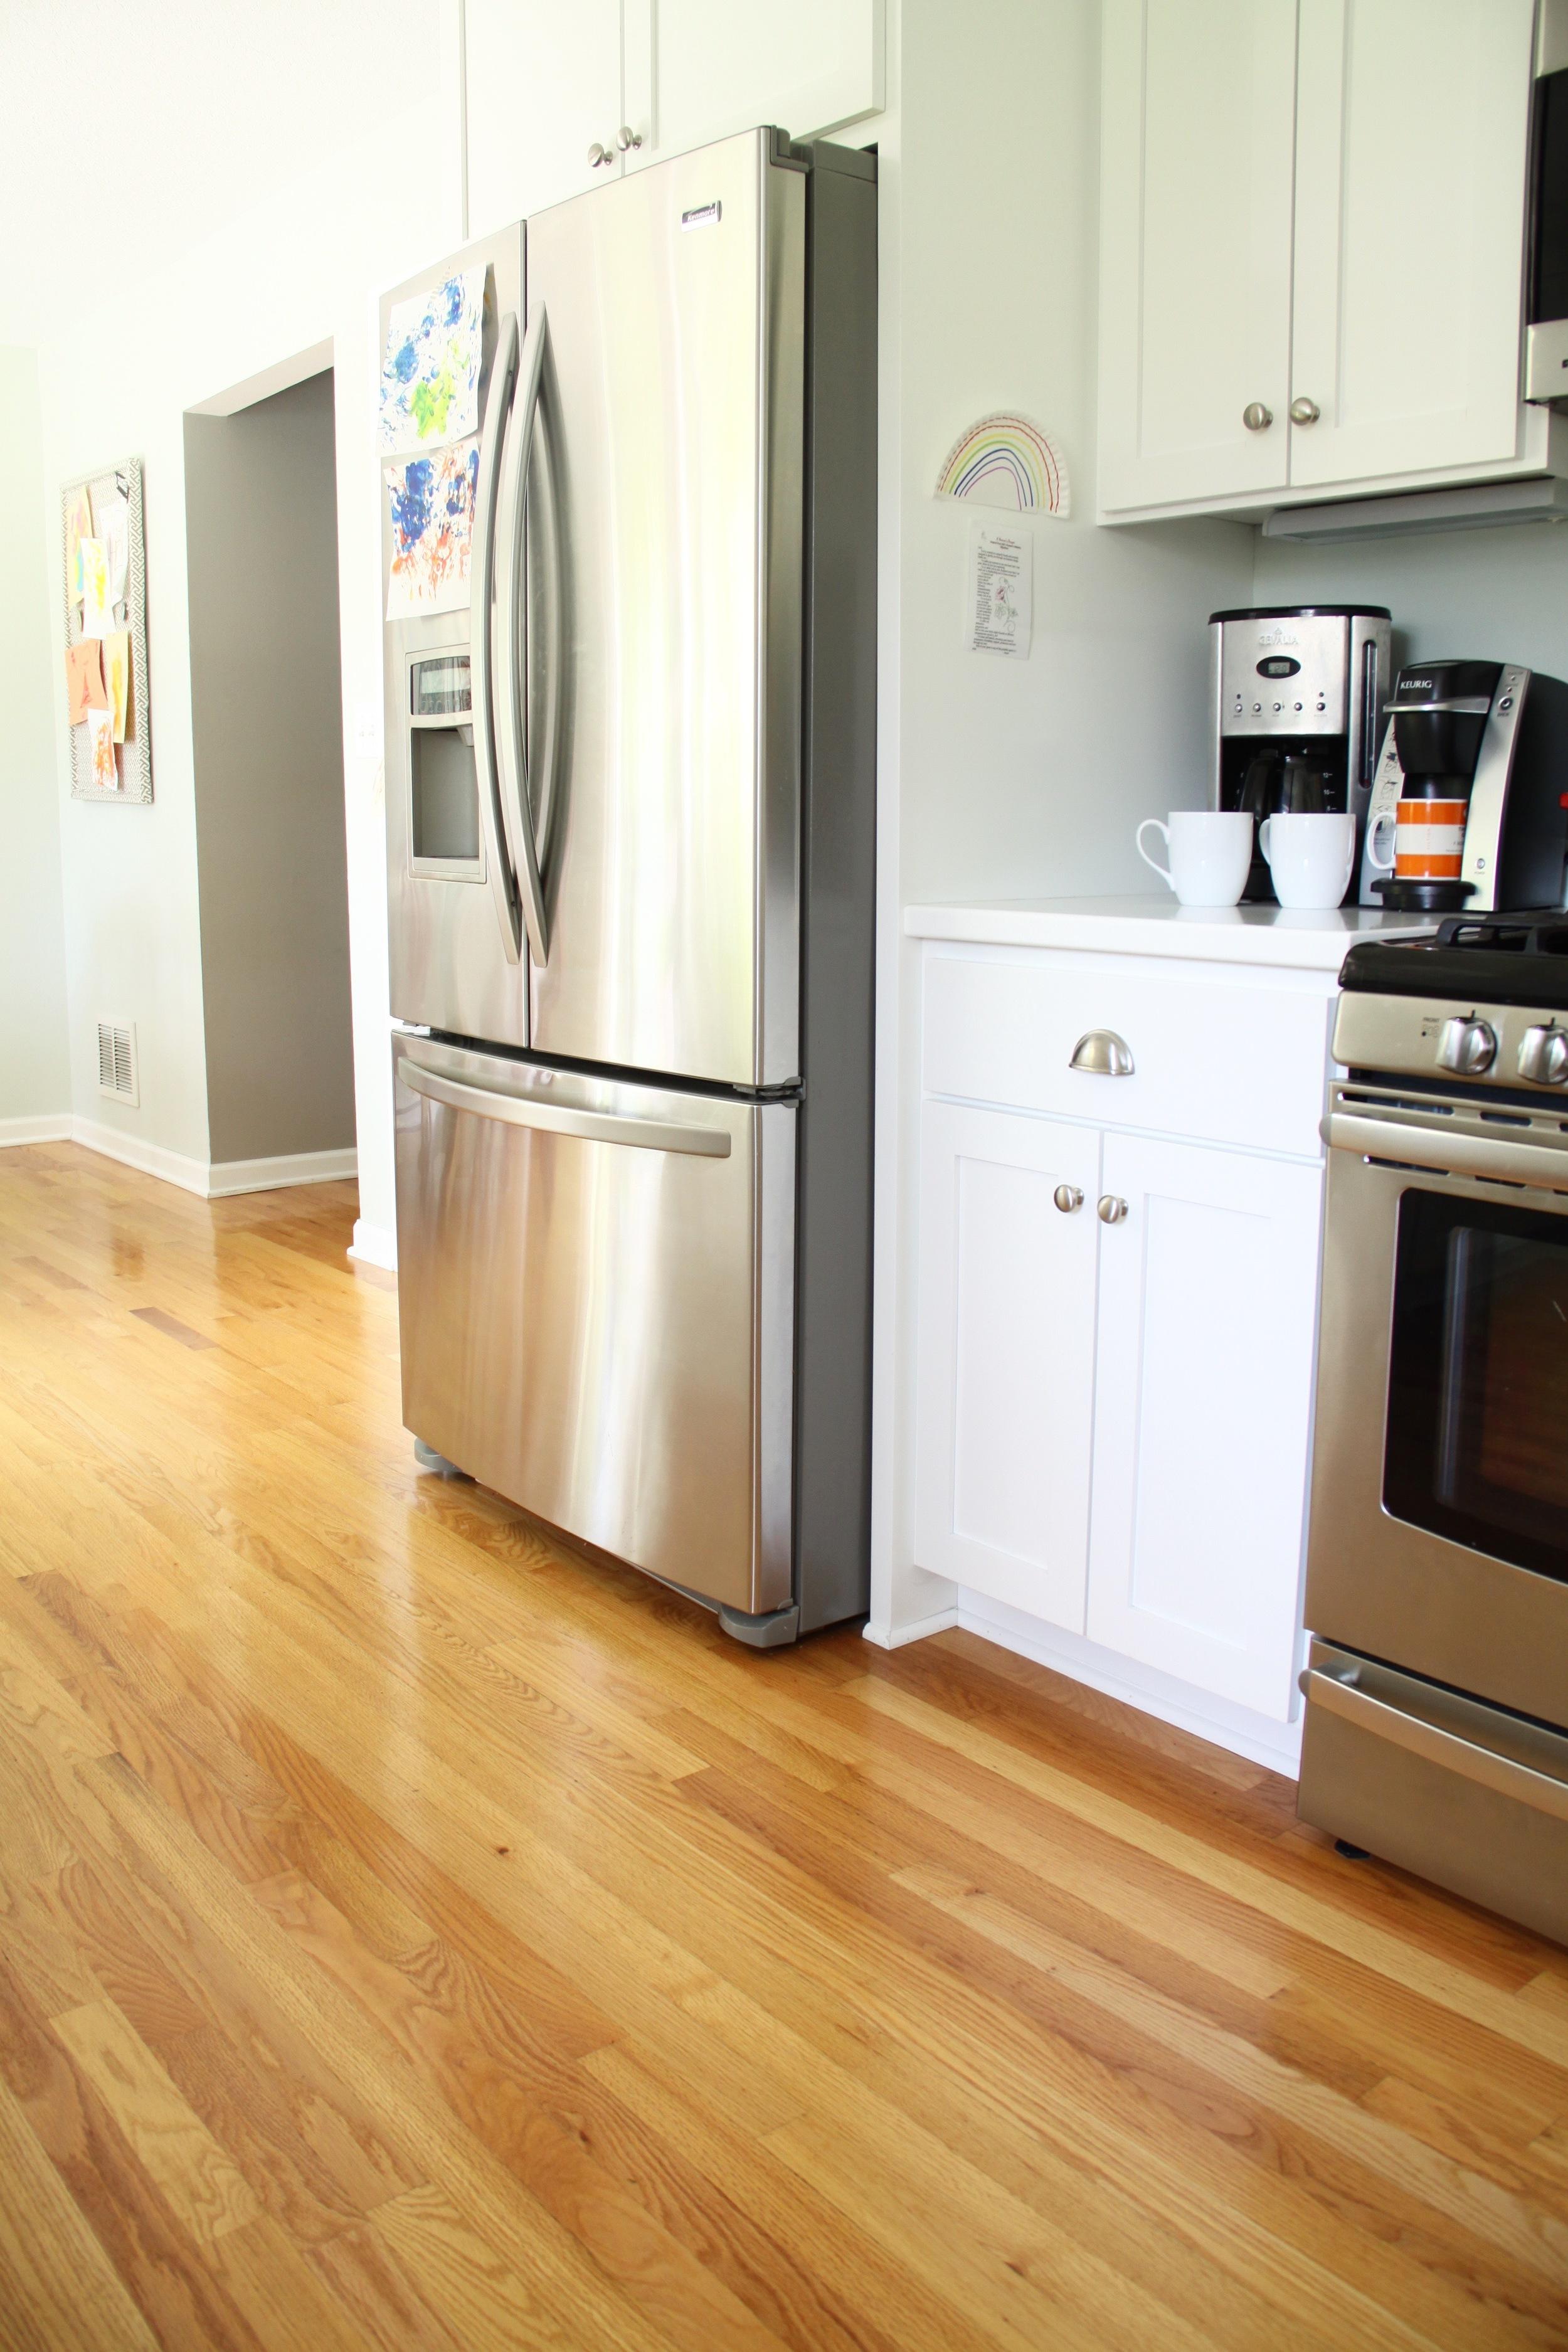 White Kitchen French Door Refrigerator